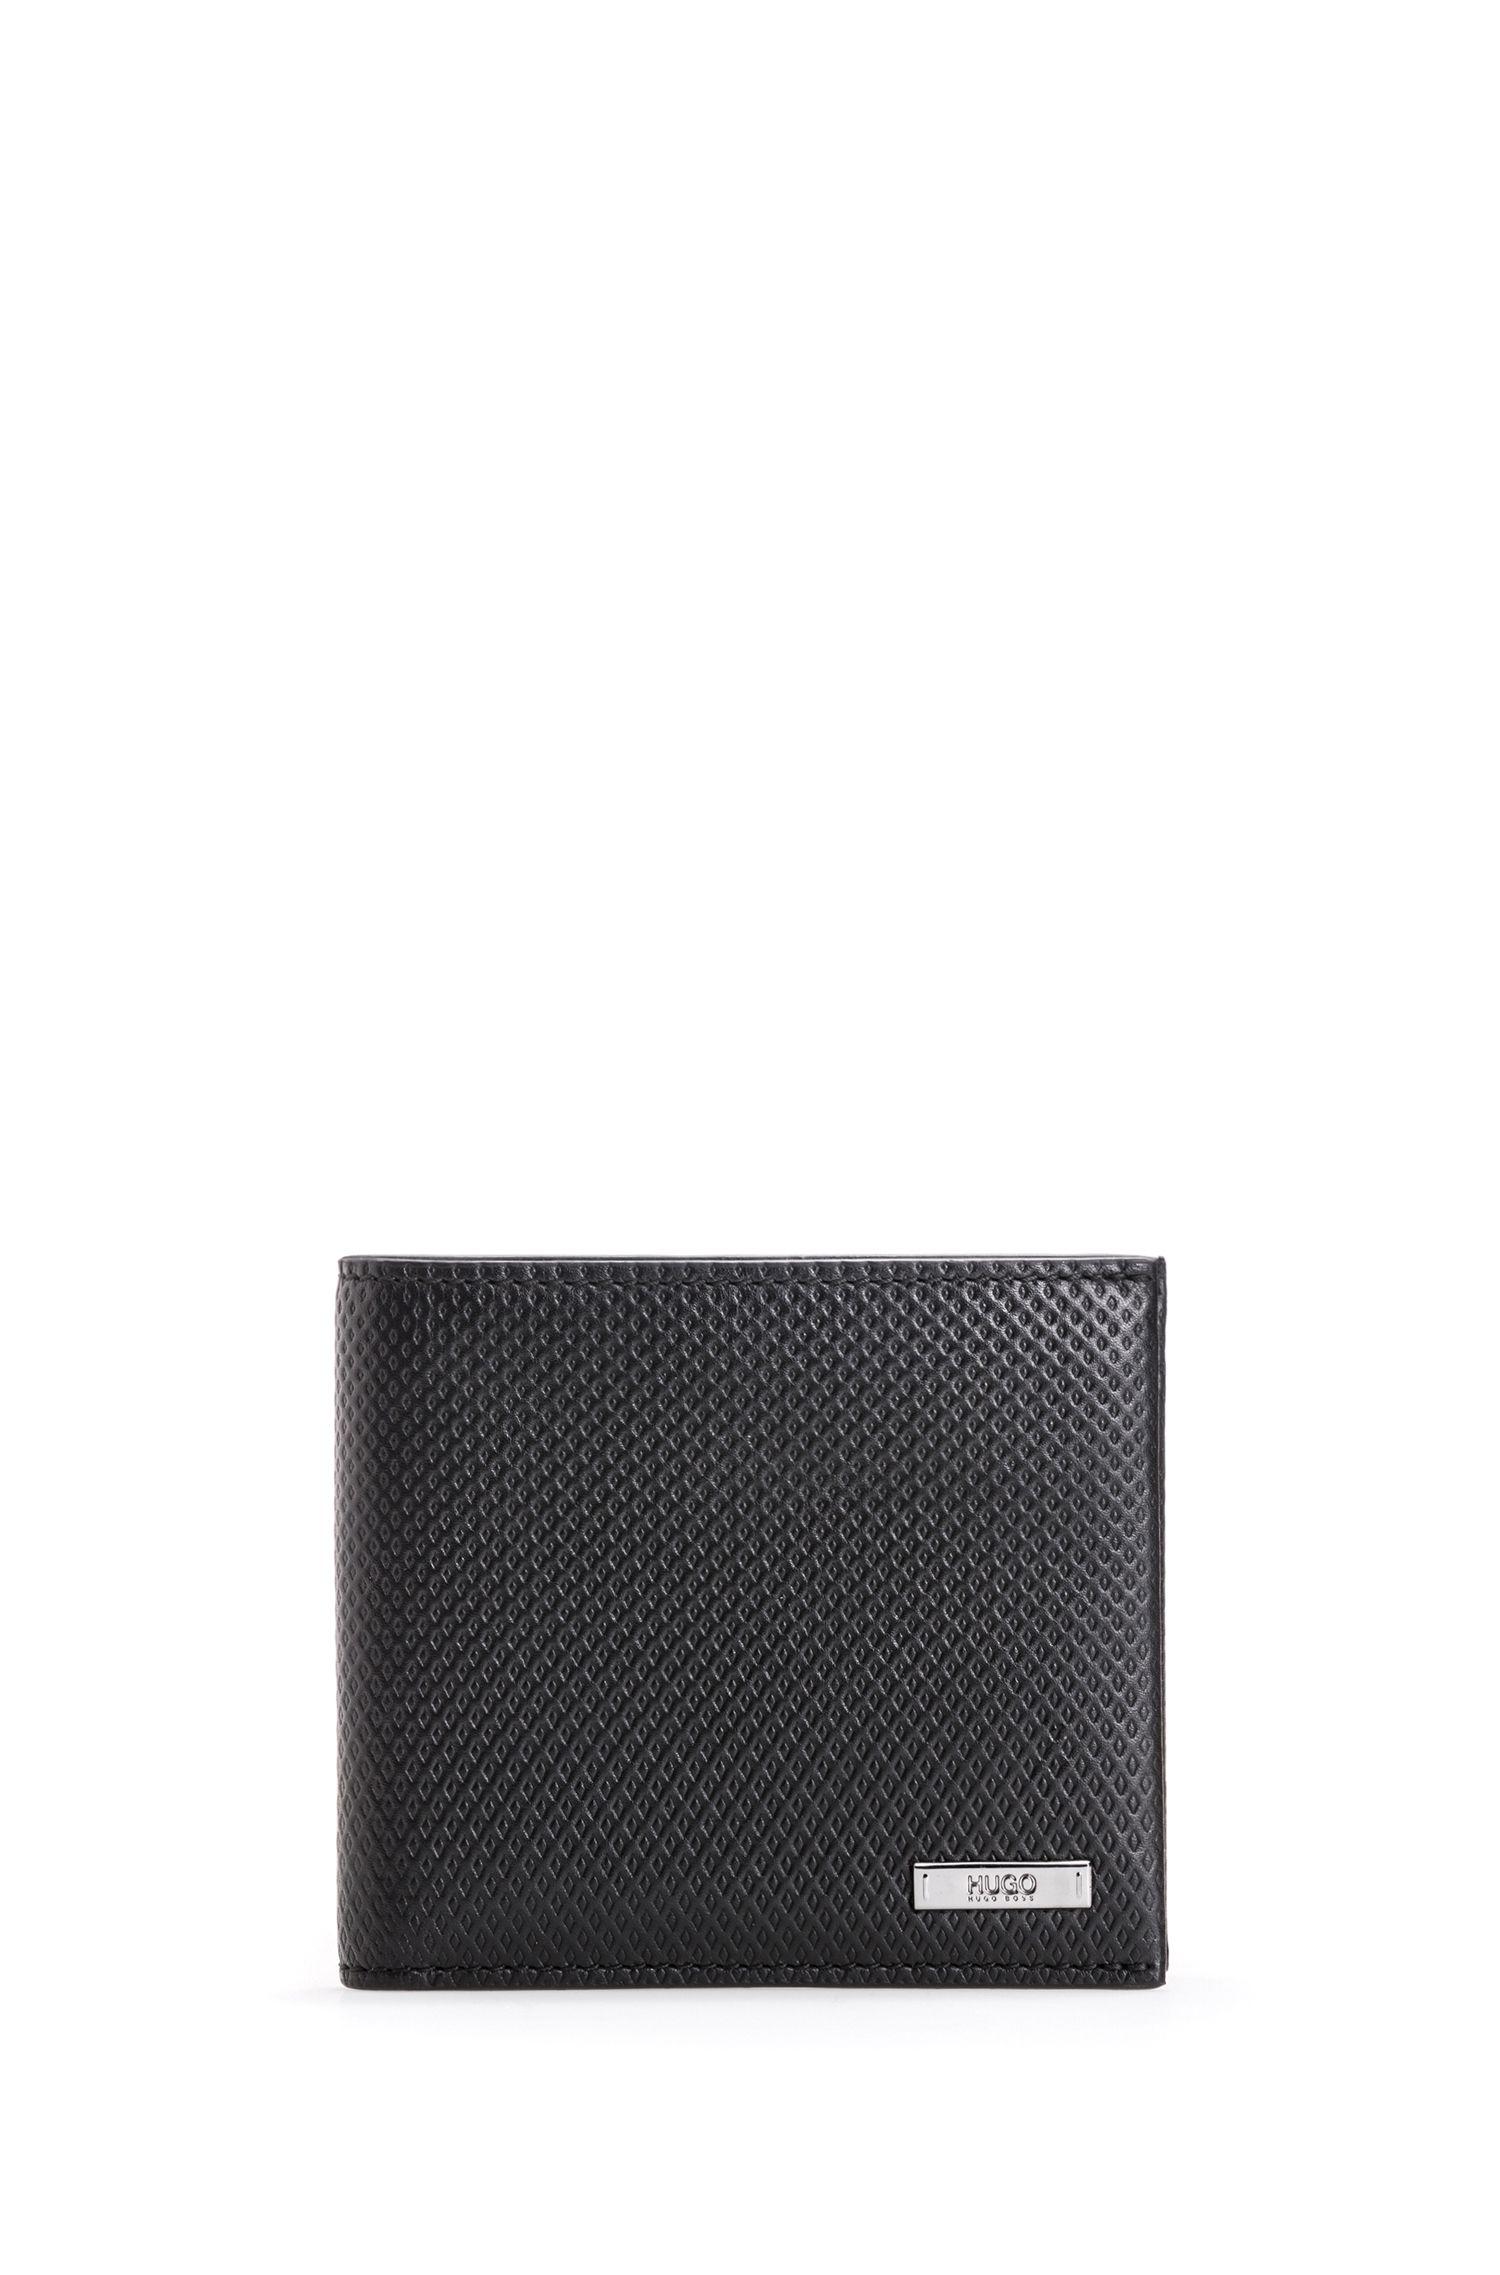 Set de regalo con tarjetero y cartera de piel con grabado geométrico